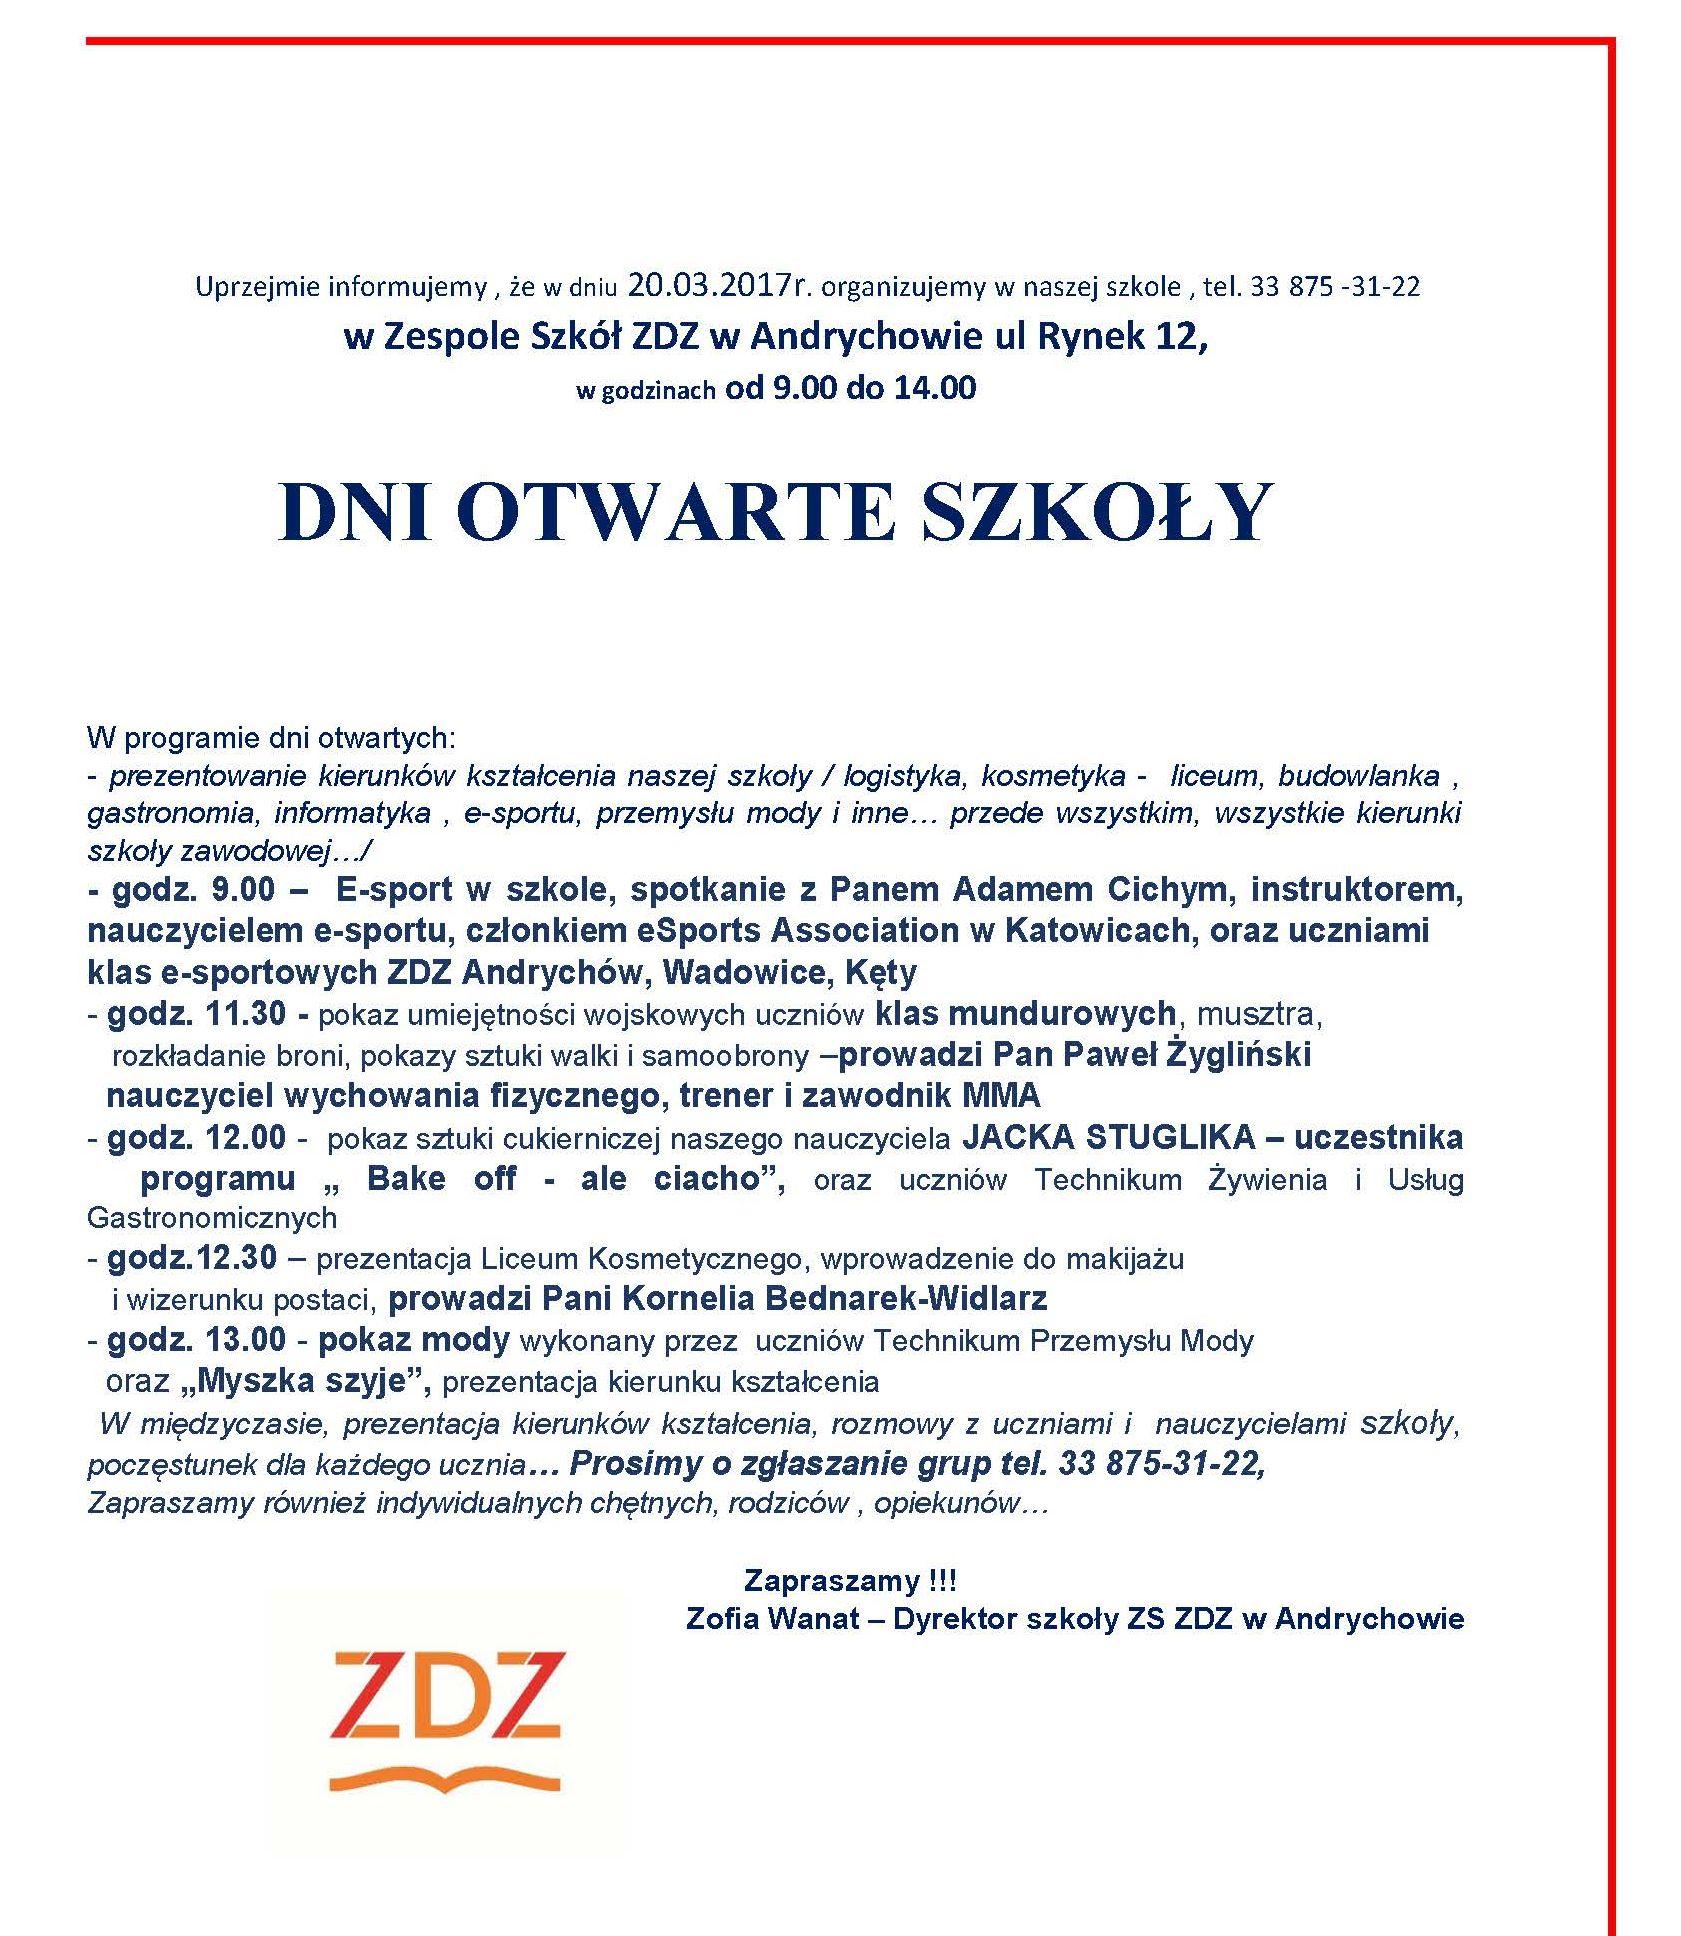 20 marca Dzień Otwarty w Zespole Szkół ZDZ w Andrychowie